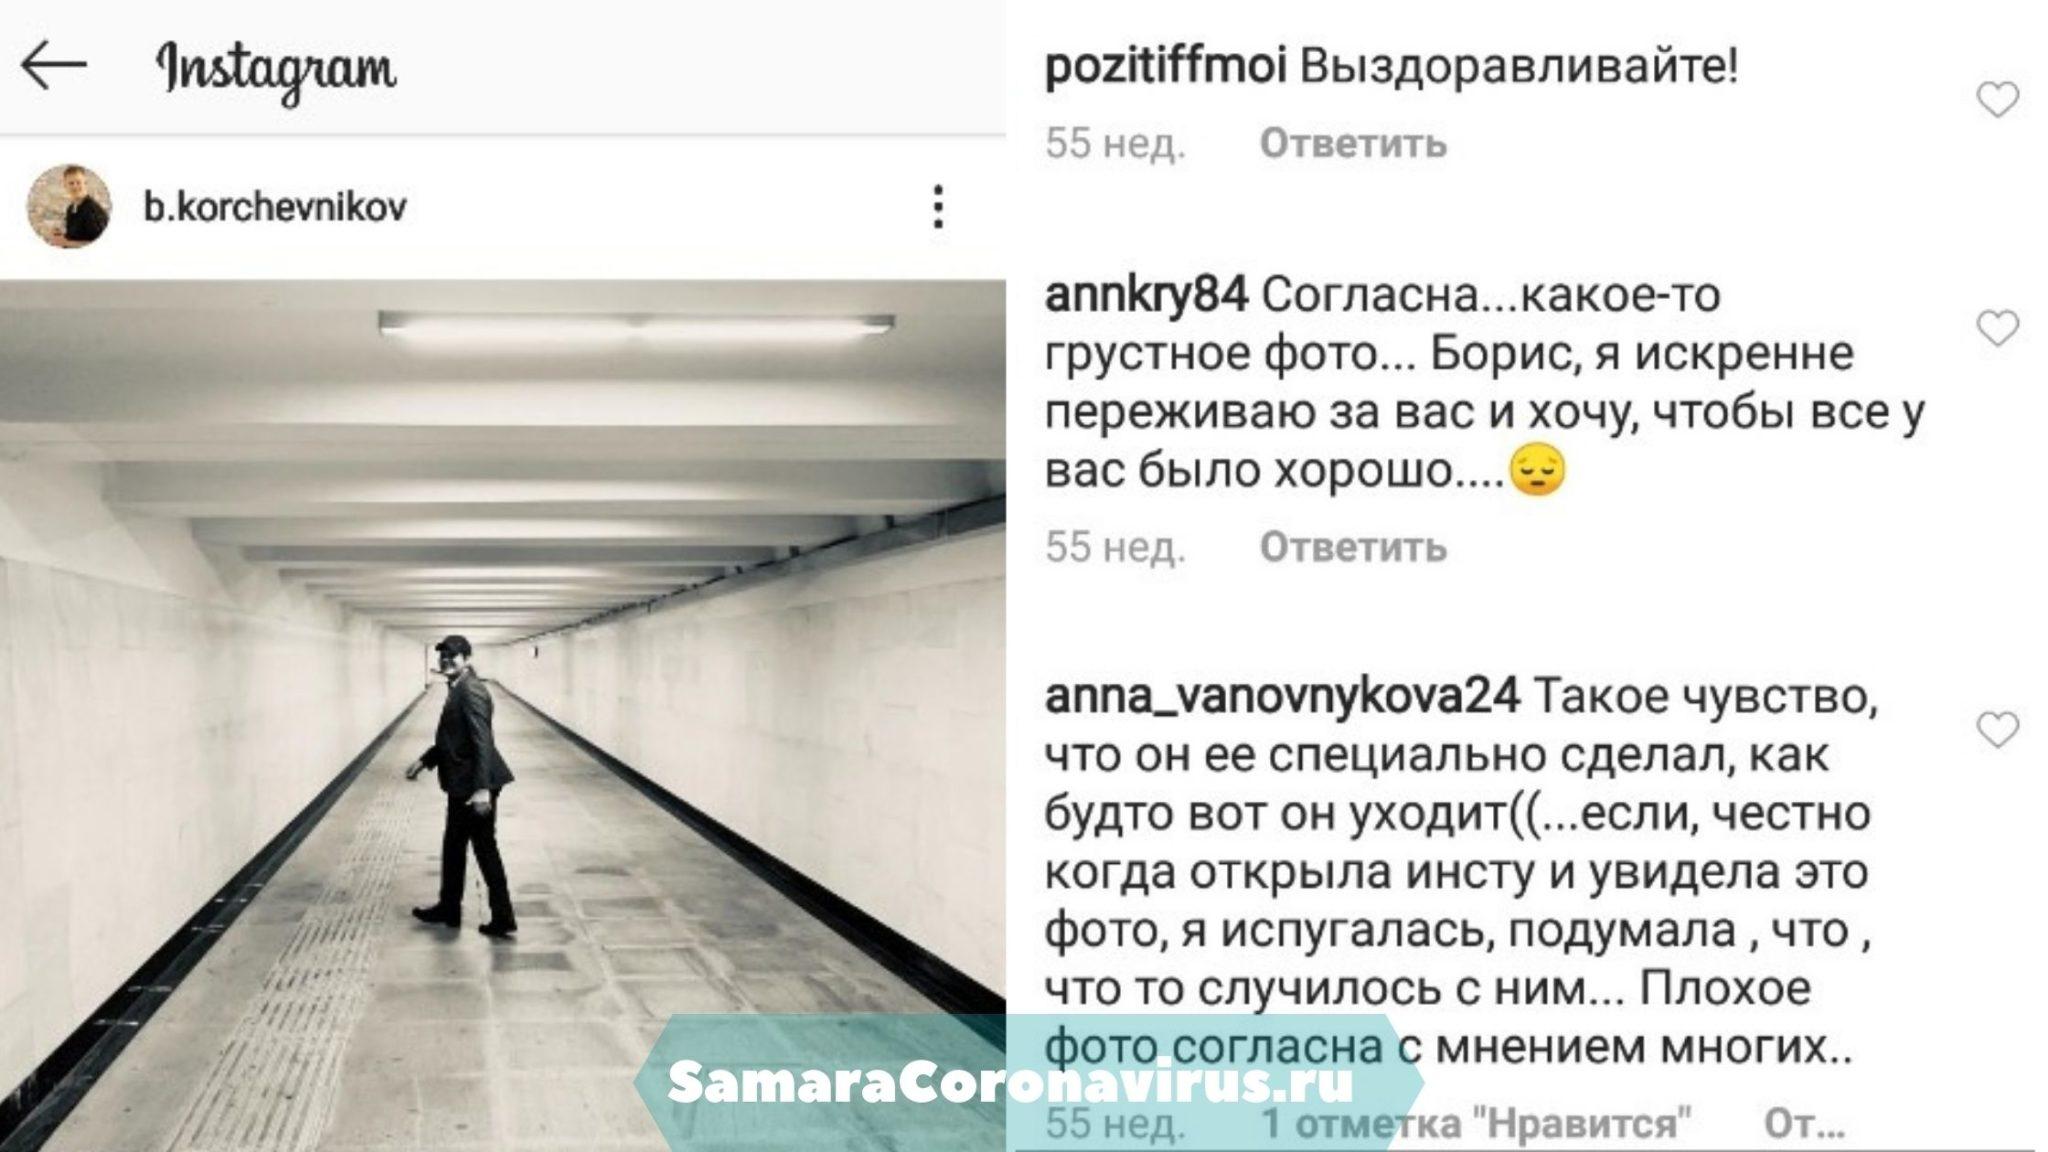 Чем болеет Борис Корчевников